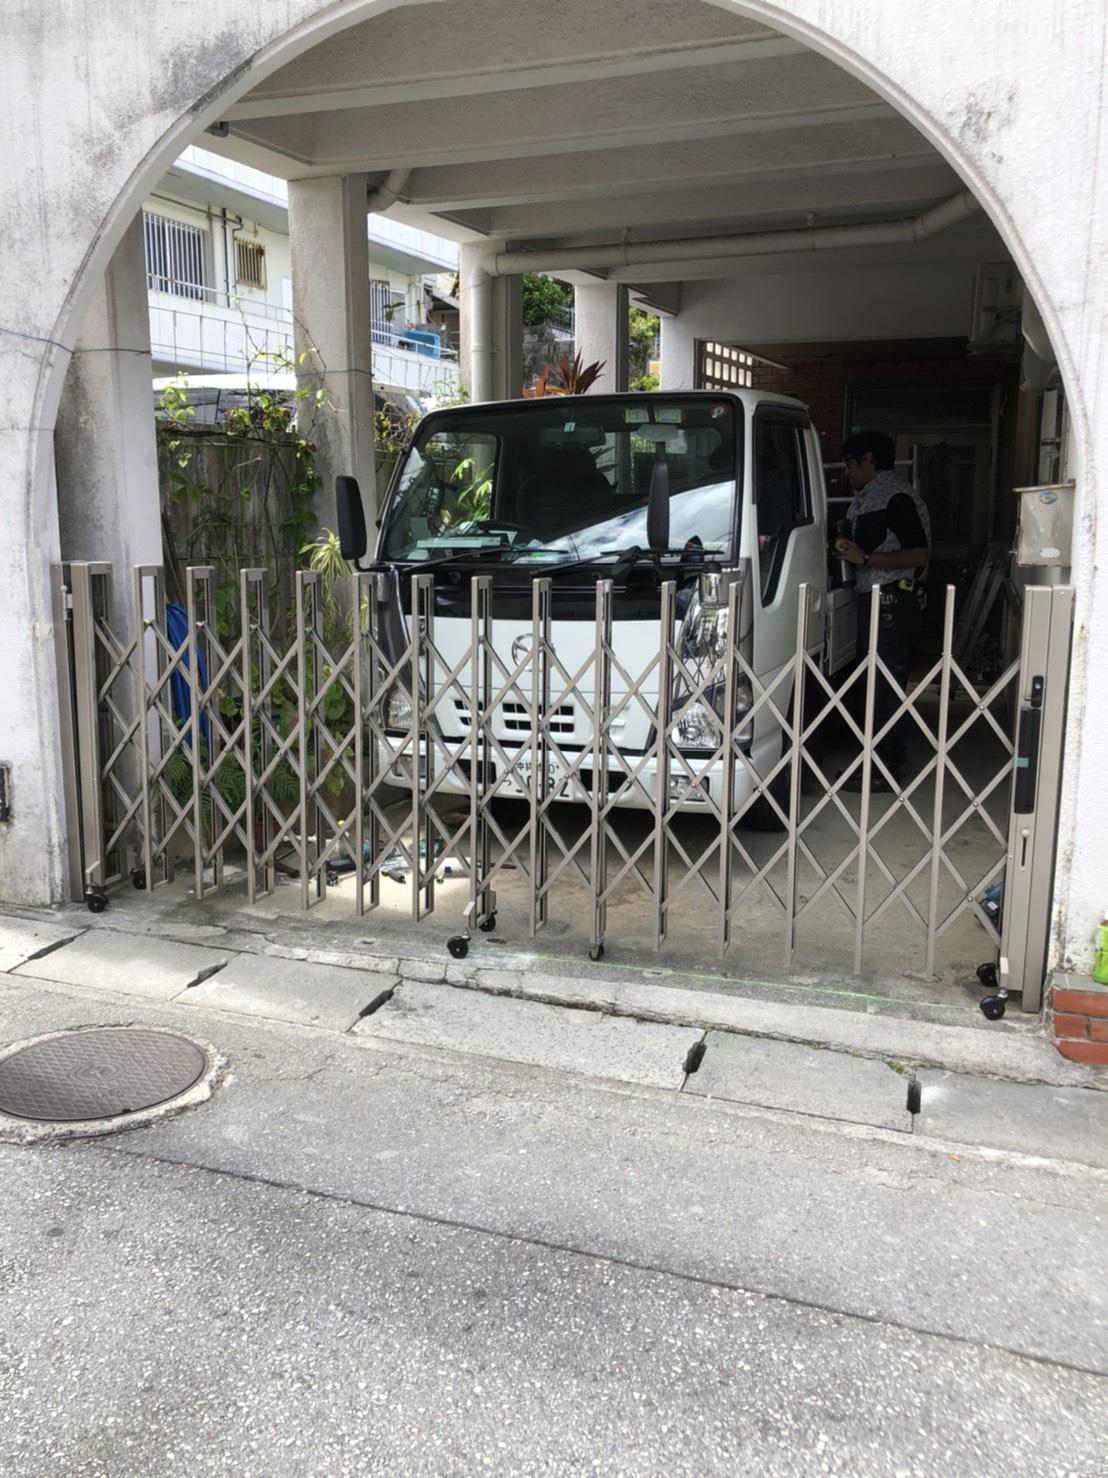 アコーディオン門扉設置工事(リフォーム施工事例)を公開しました。 | 沖縄や那覇でリフォームするなら【株式会社 あうん工房】